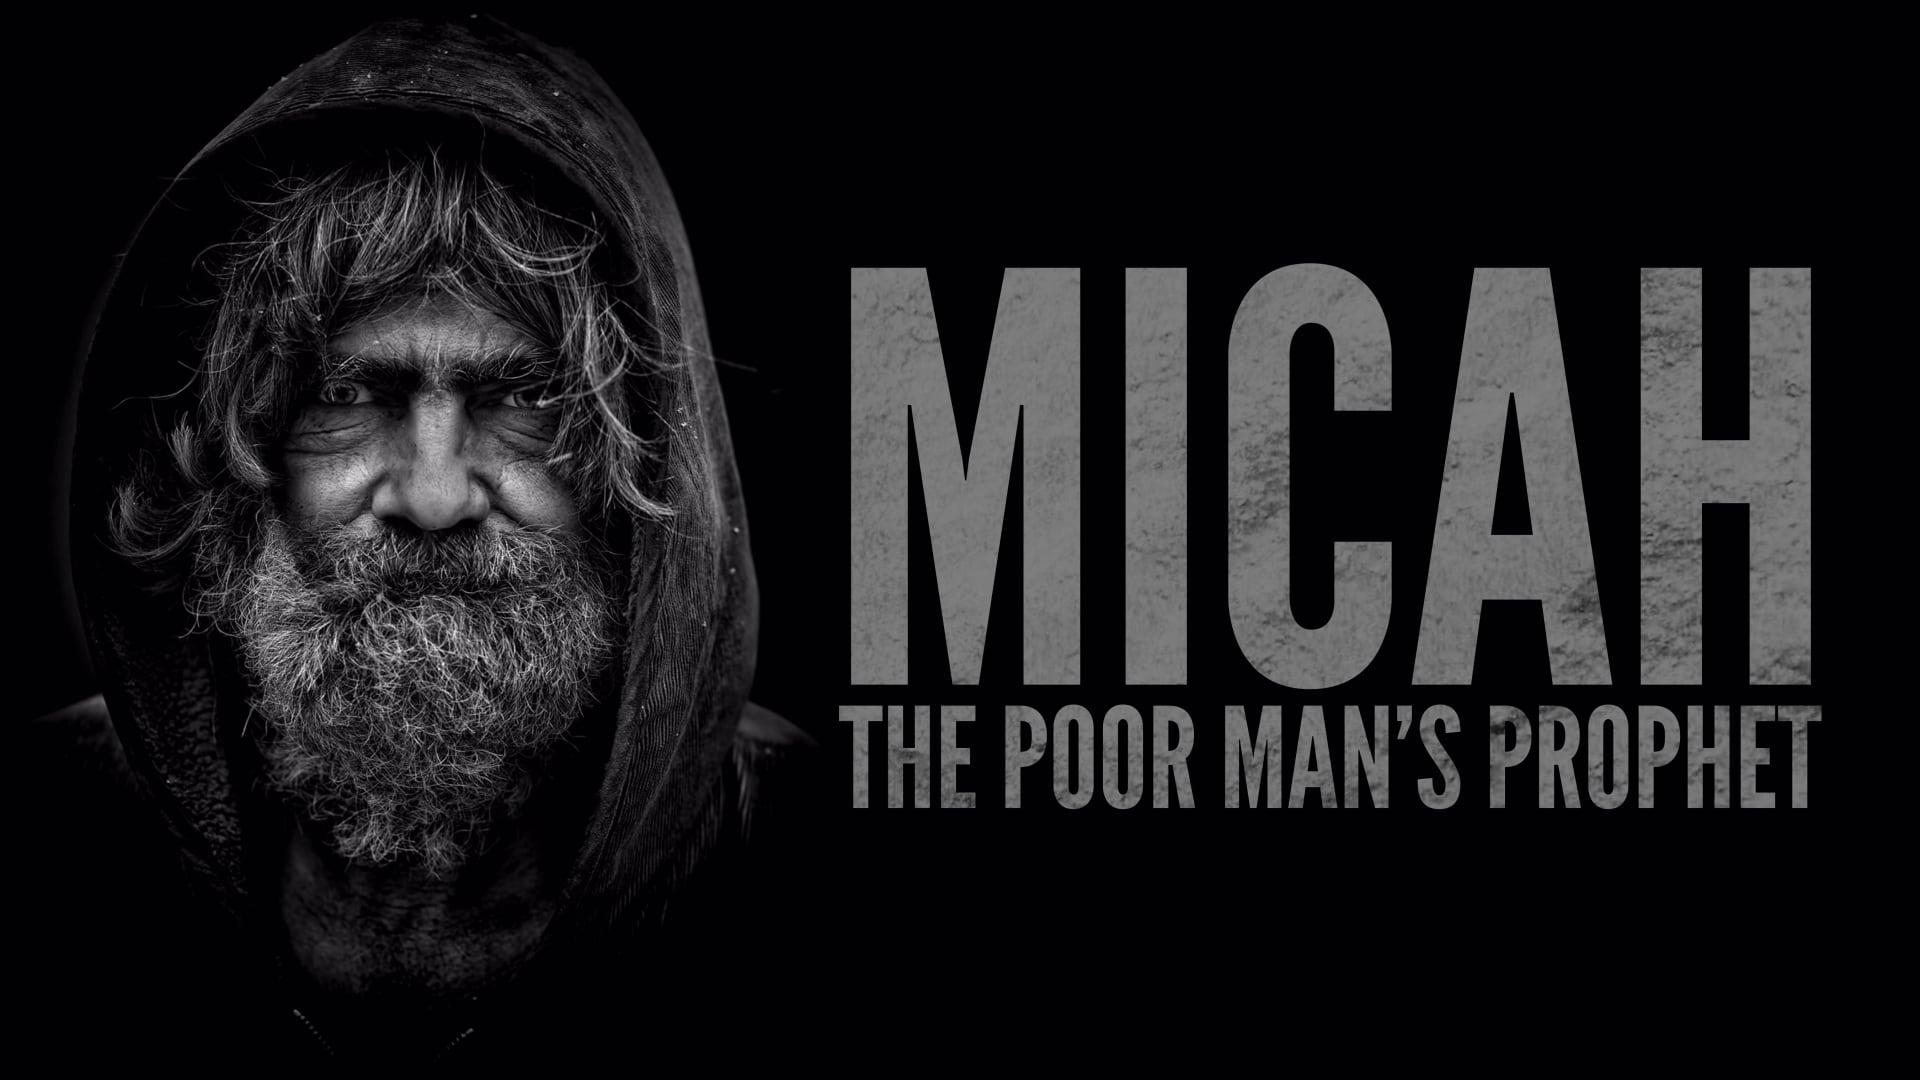 Micah: The Poor Man's Prophet